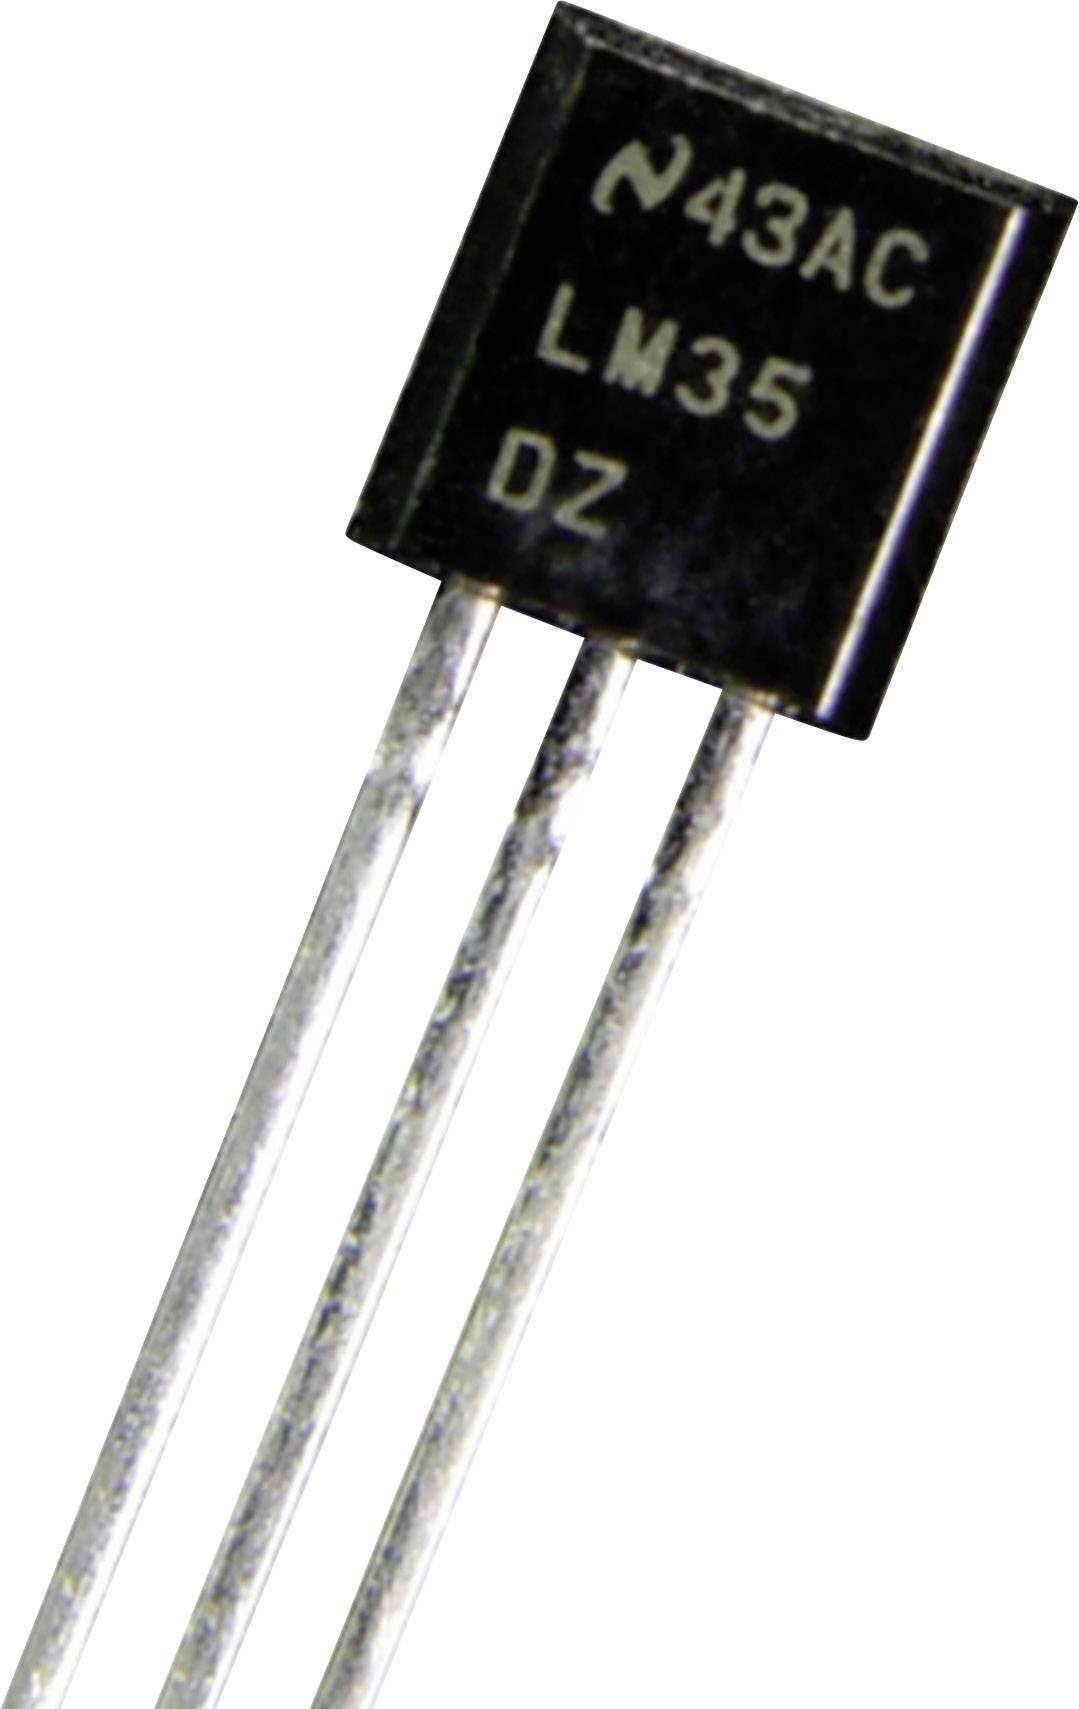 Teplotný senzor LM 35 DZ pre snímač relatívnej vlhkosti vzduchu